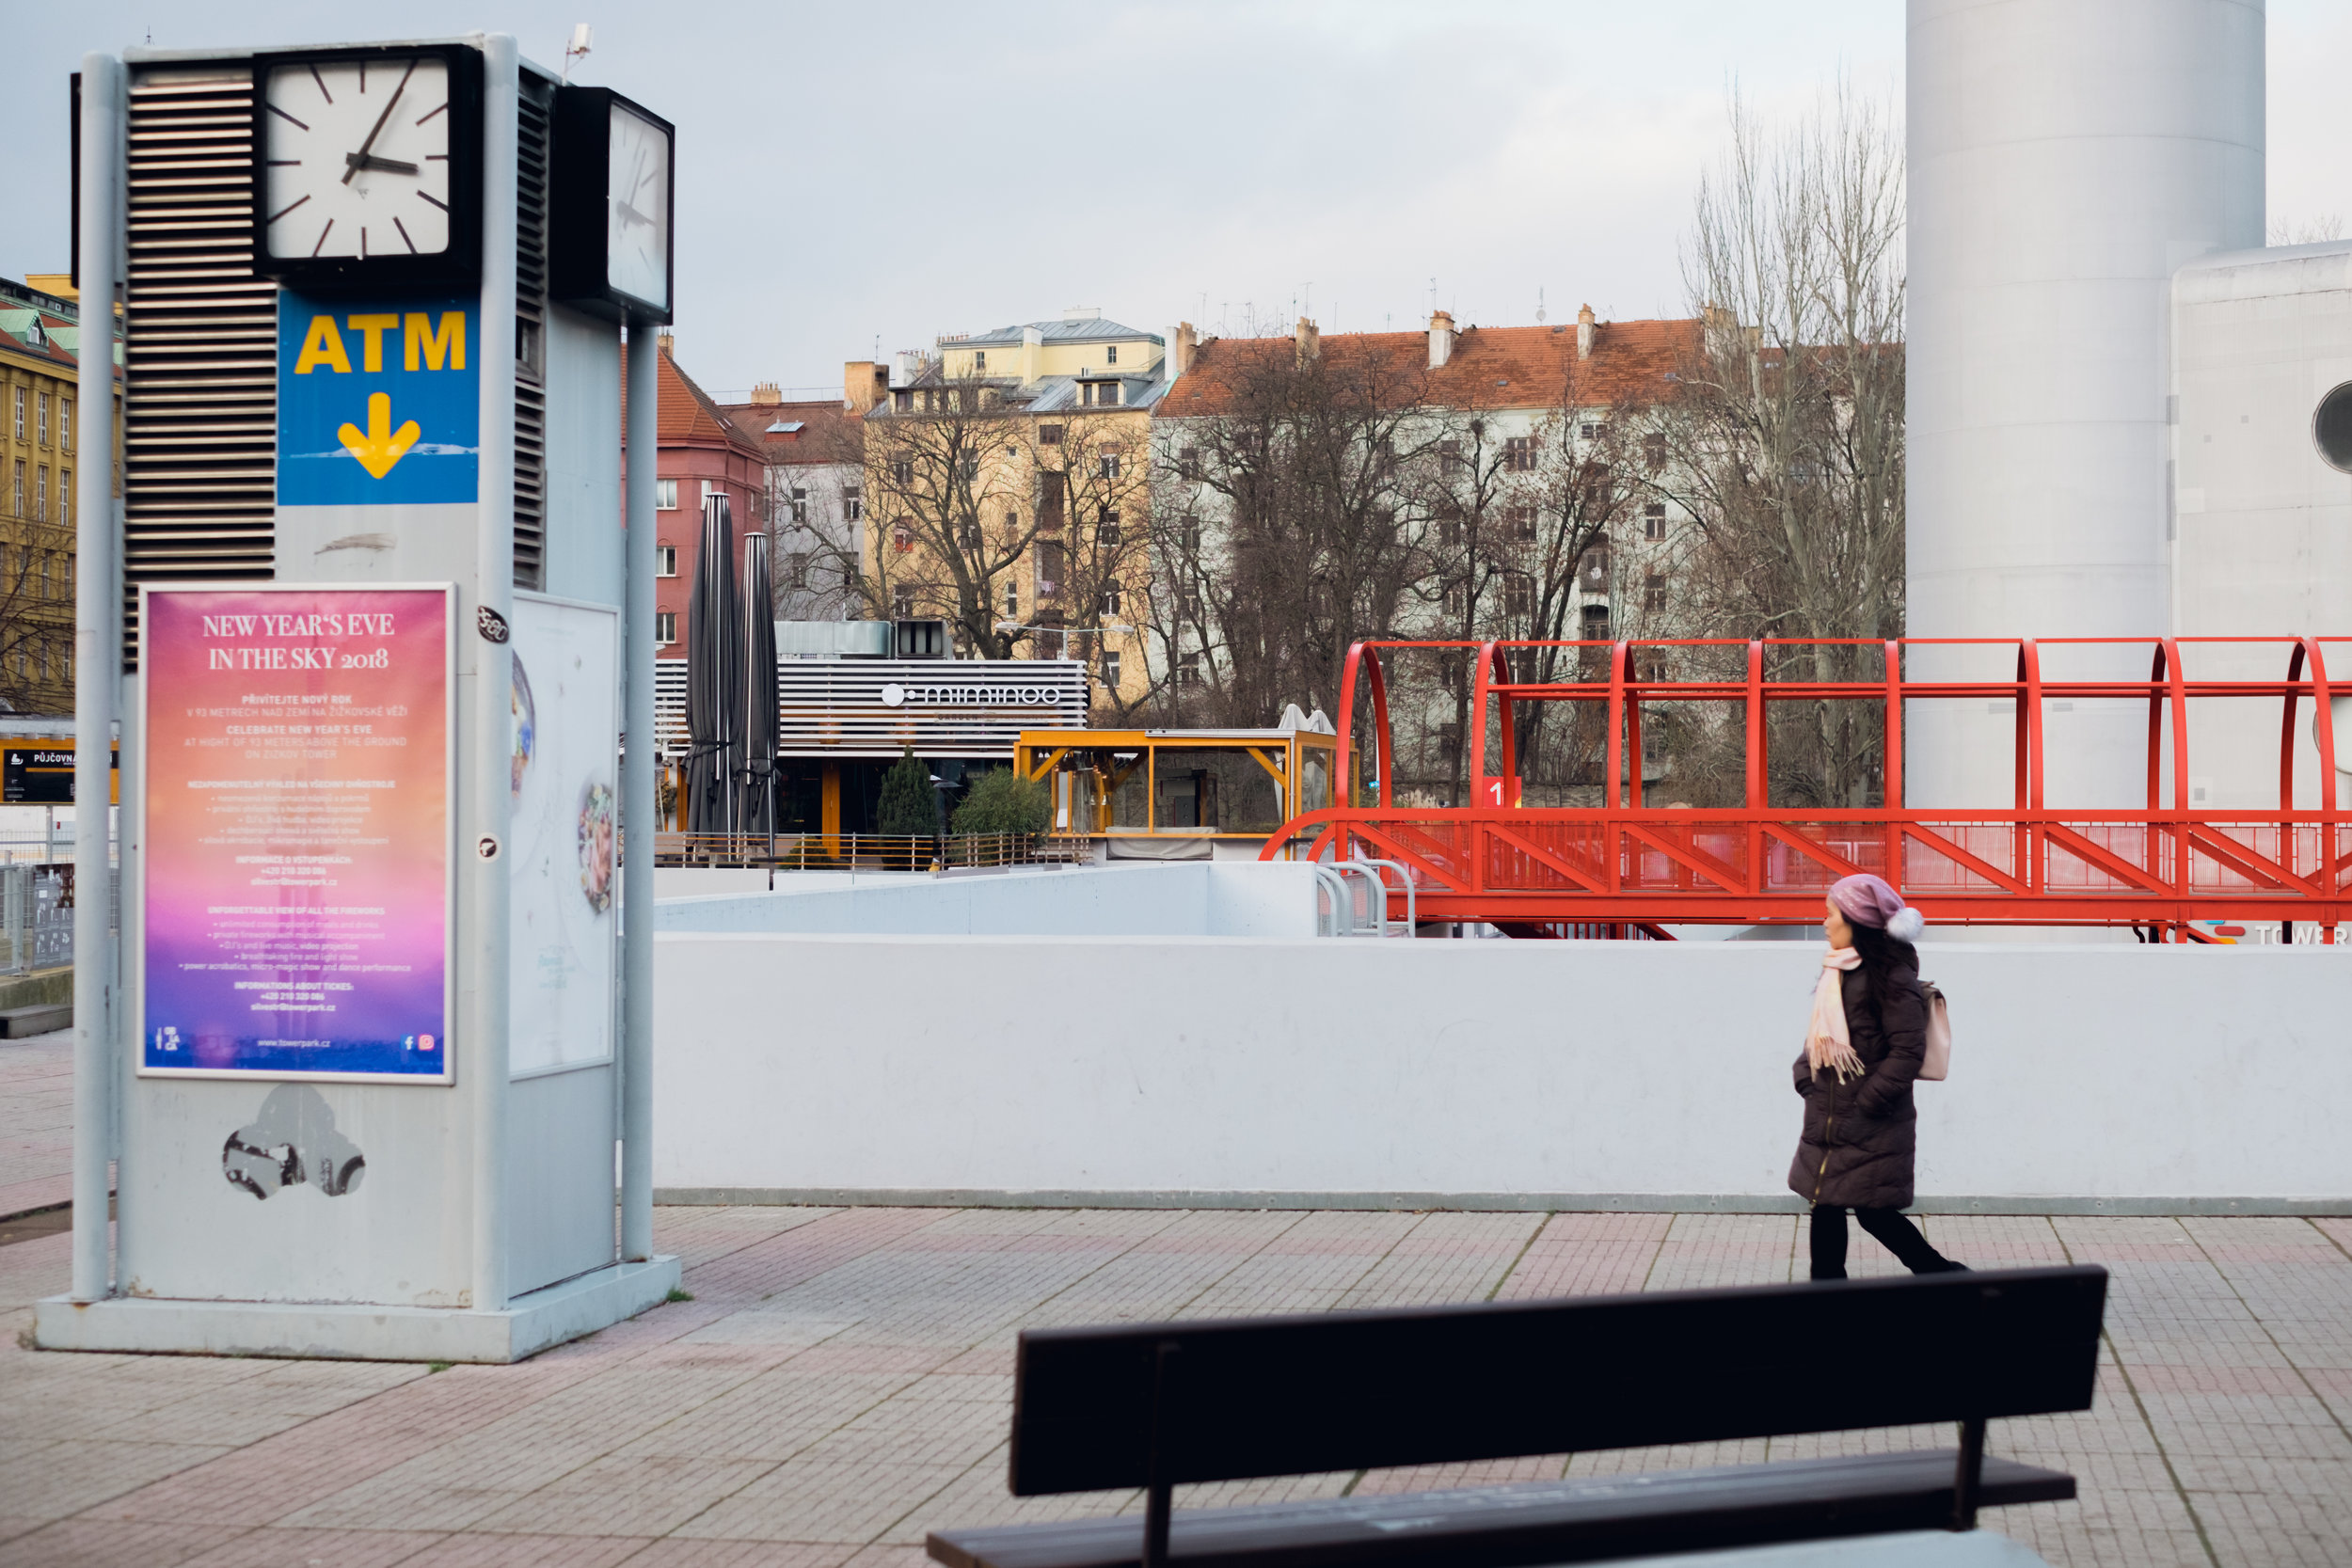 zizkov tv tower plaza street photography prague